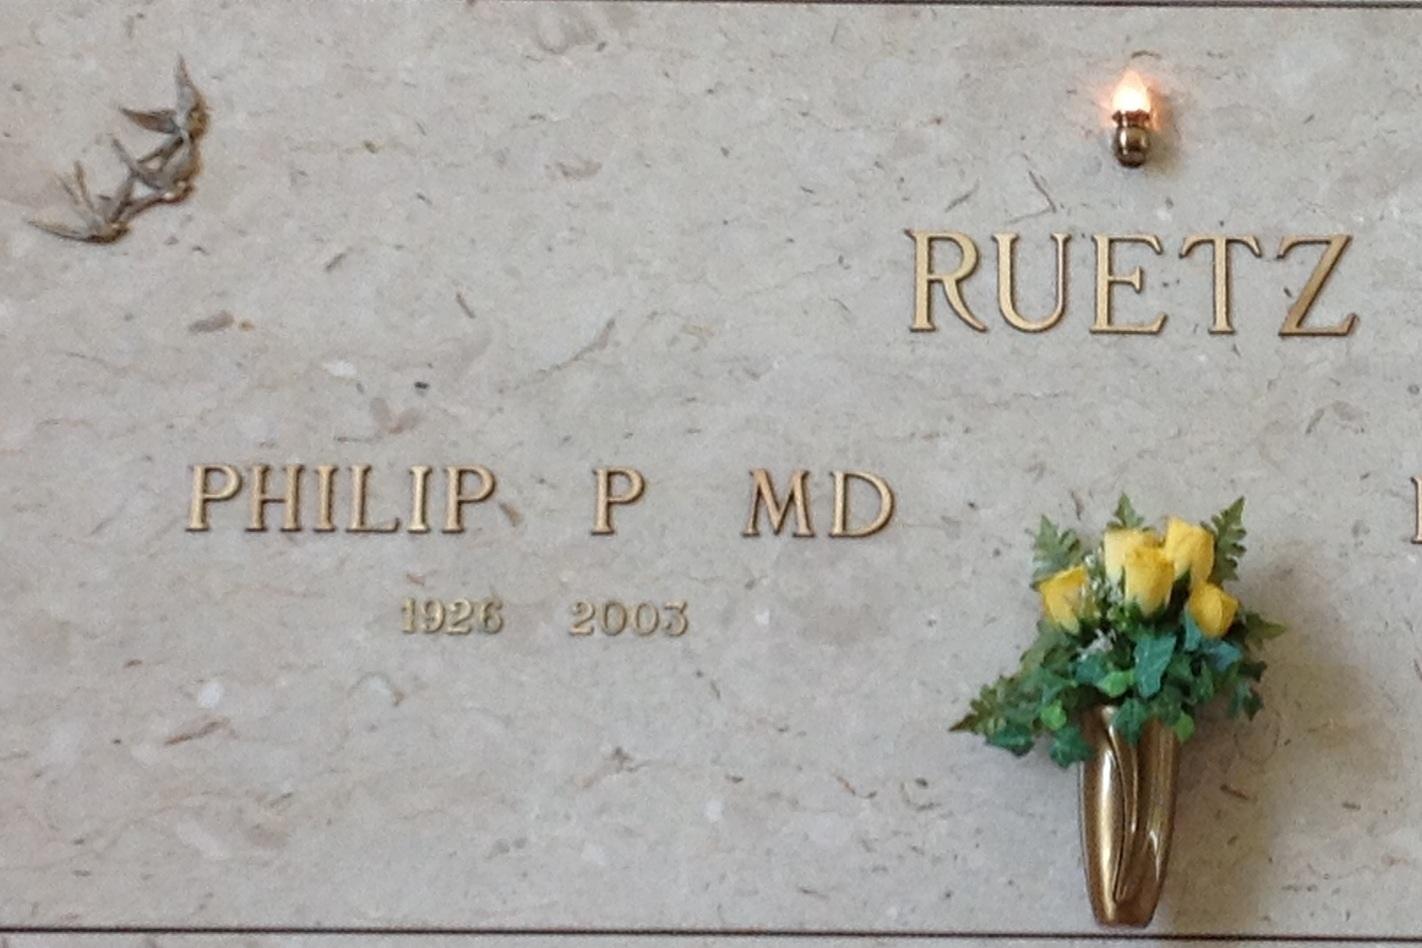 Dr Philip Peter Ruetz